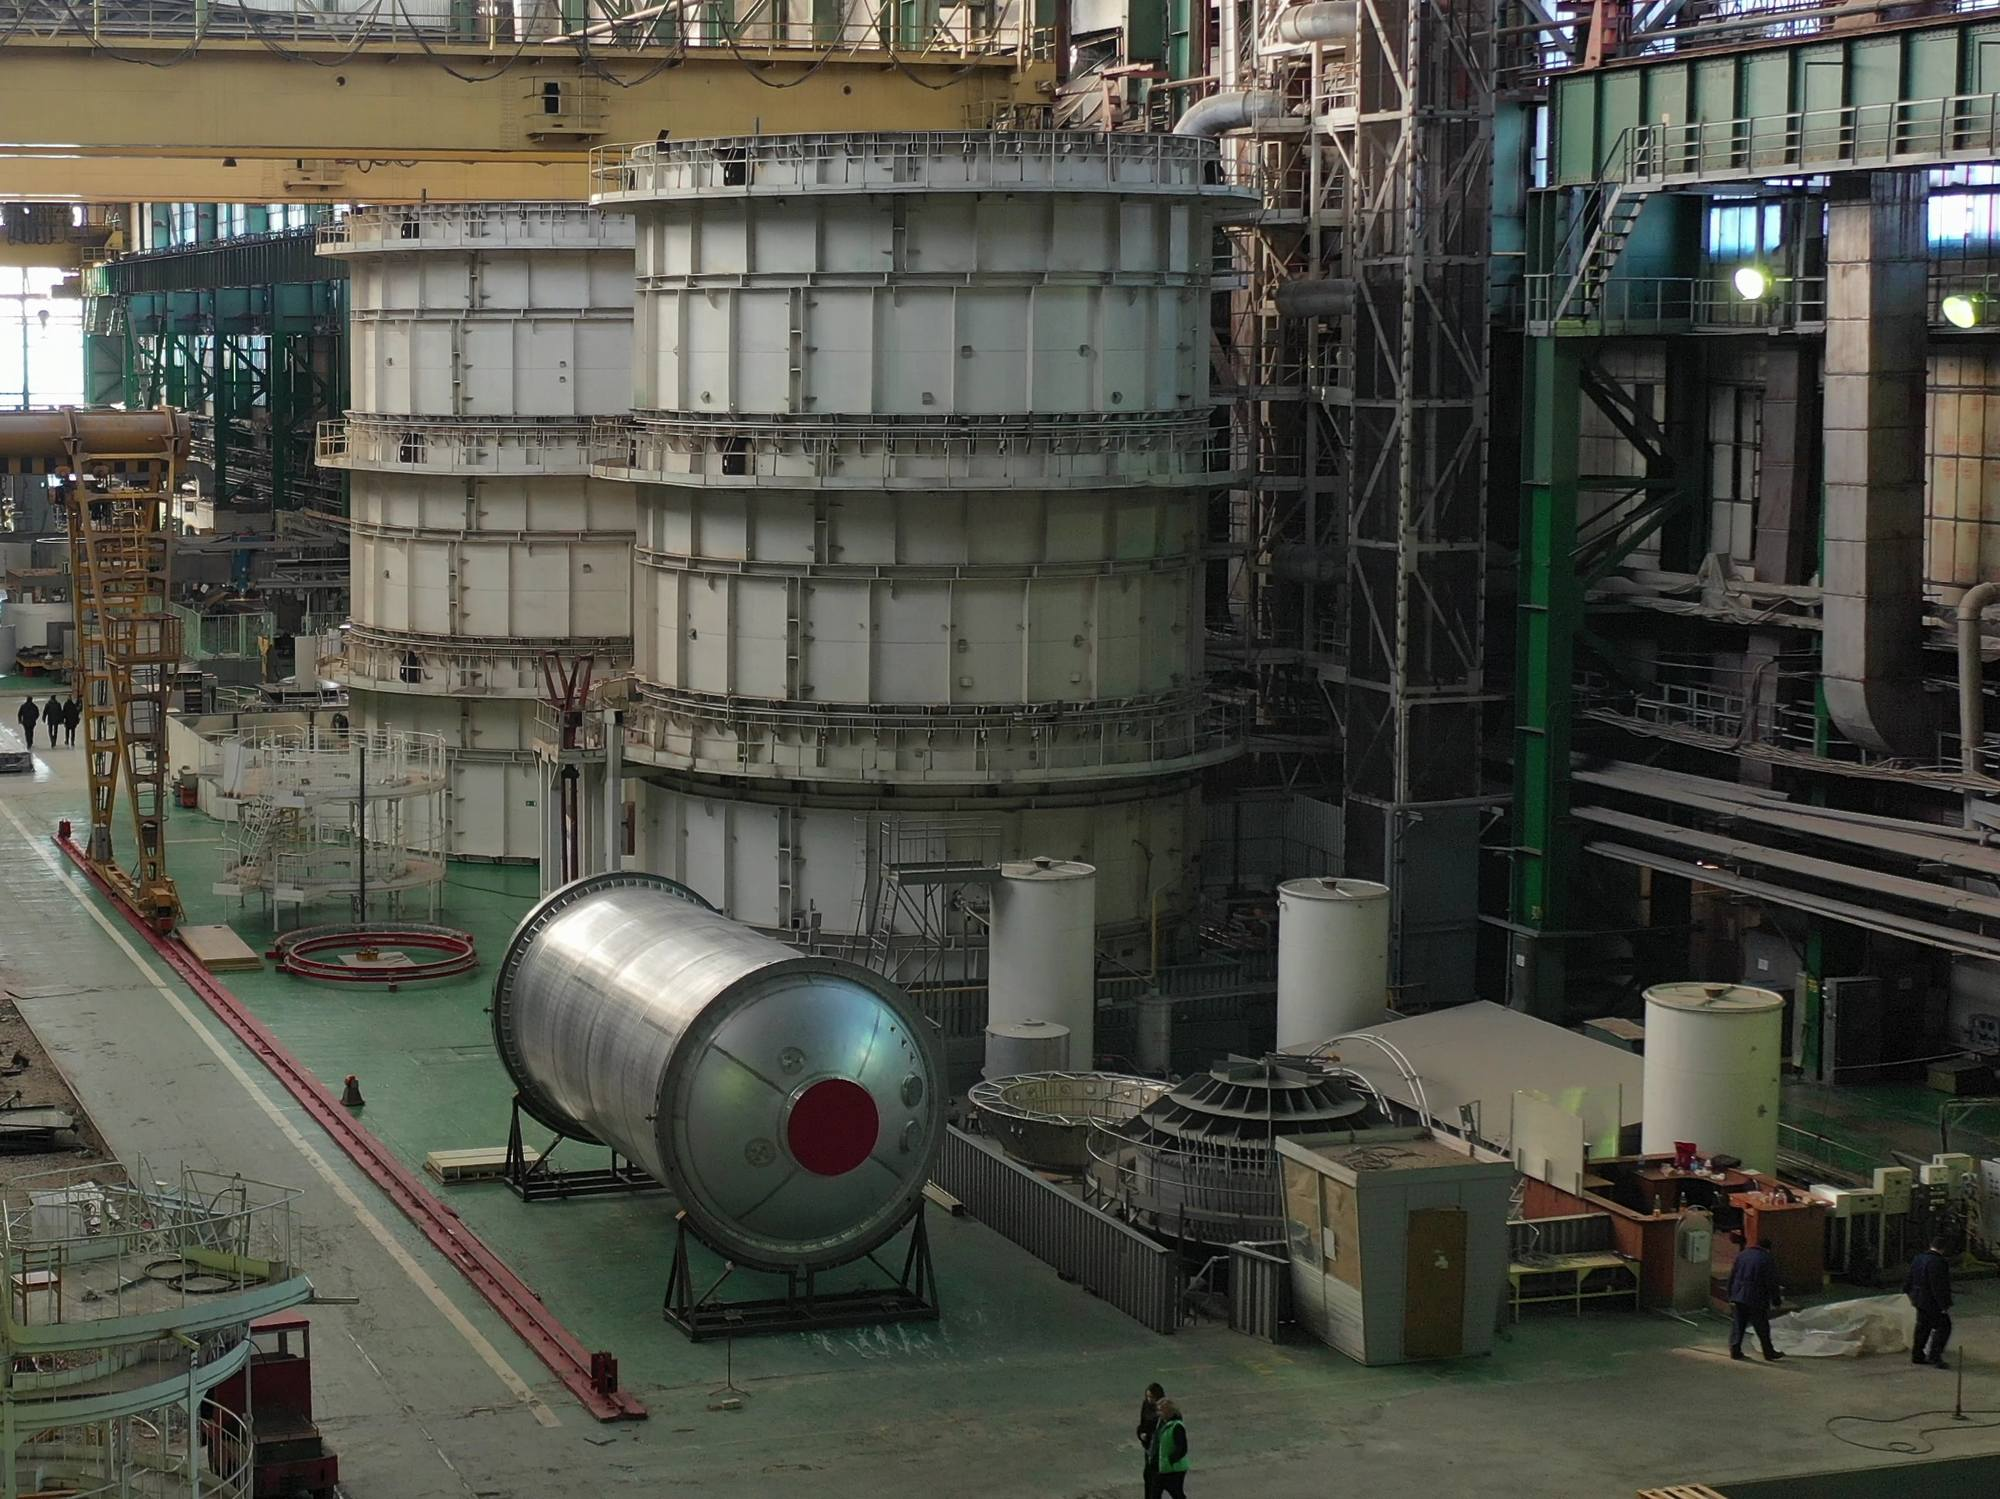 Le réservoir d'oxygène de Soyouz-5 disposé dans l'atelier expérimental du RKTs Progress à Samara.